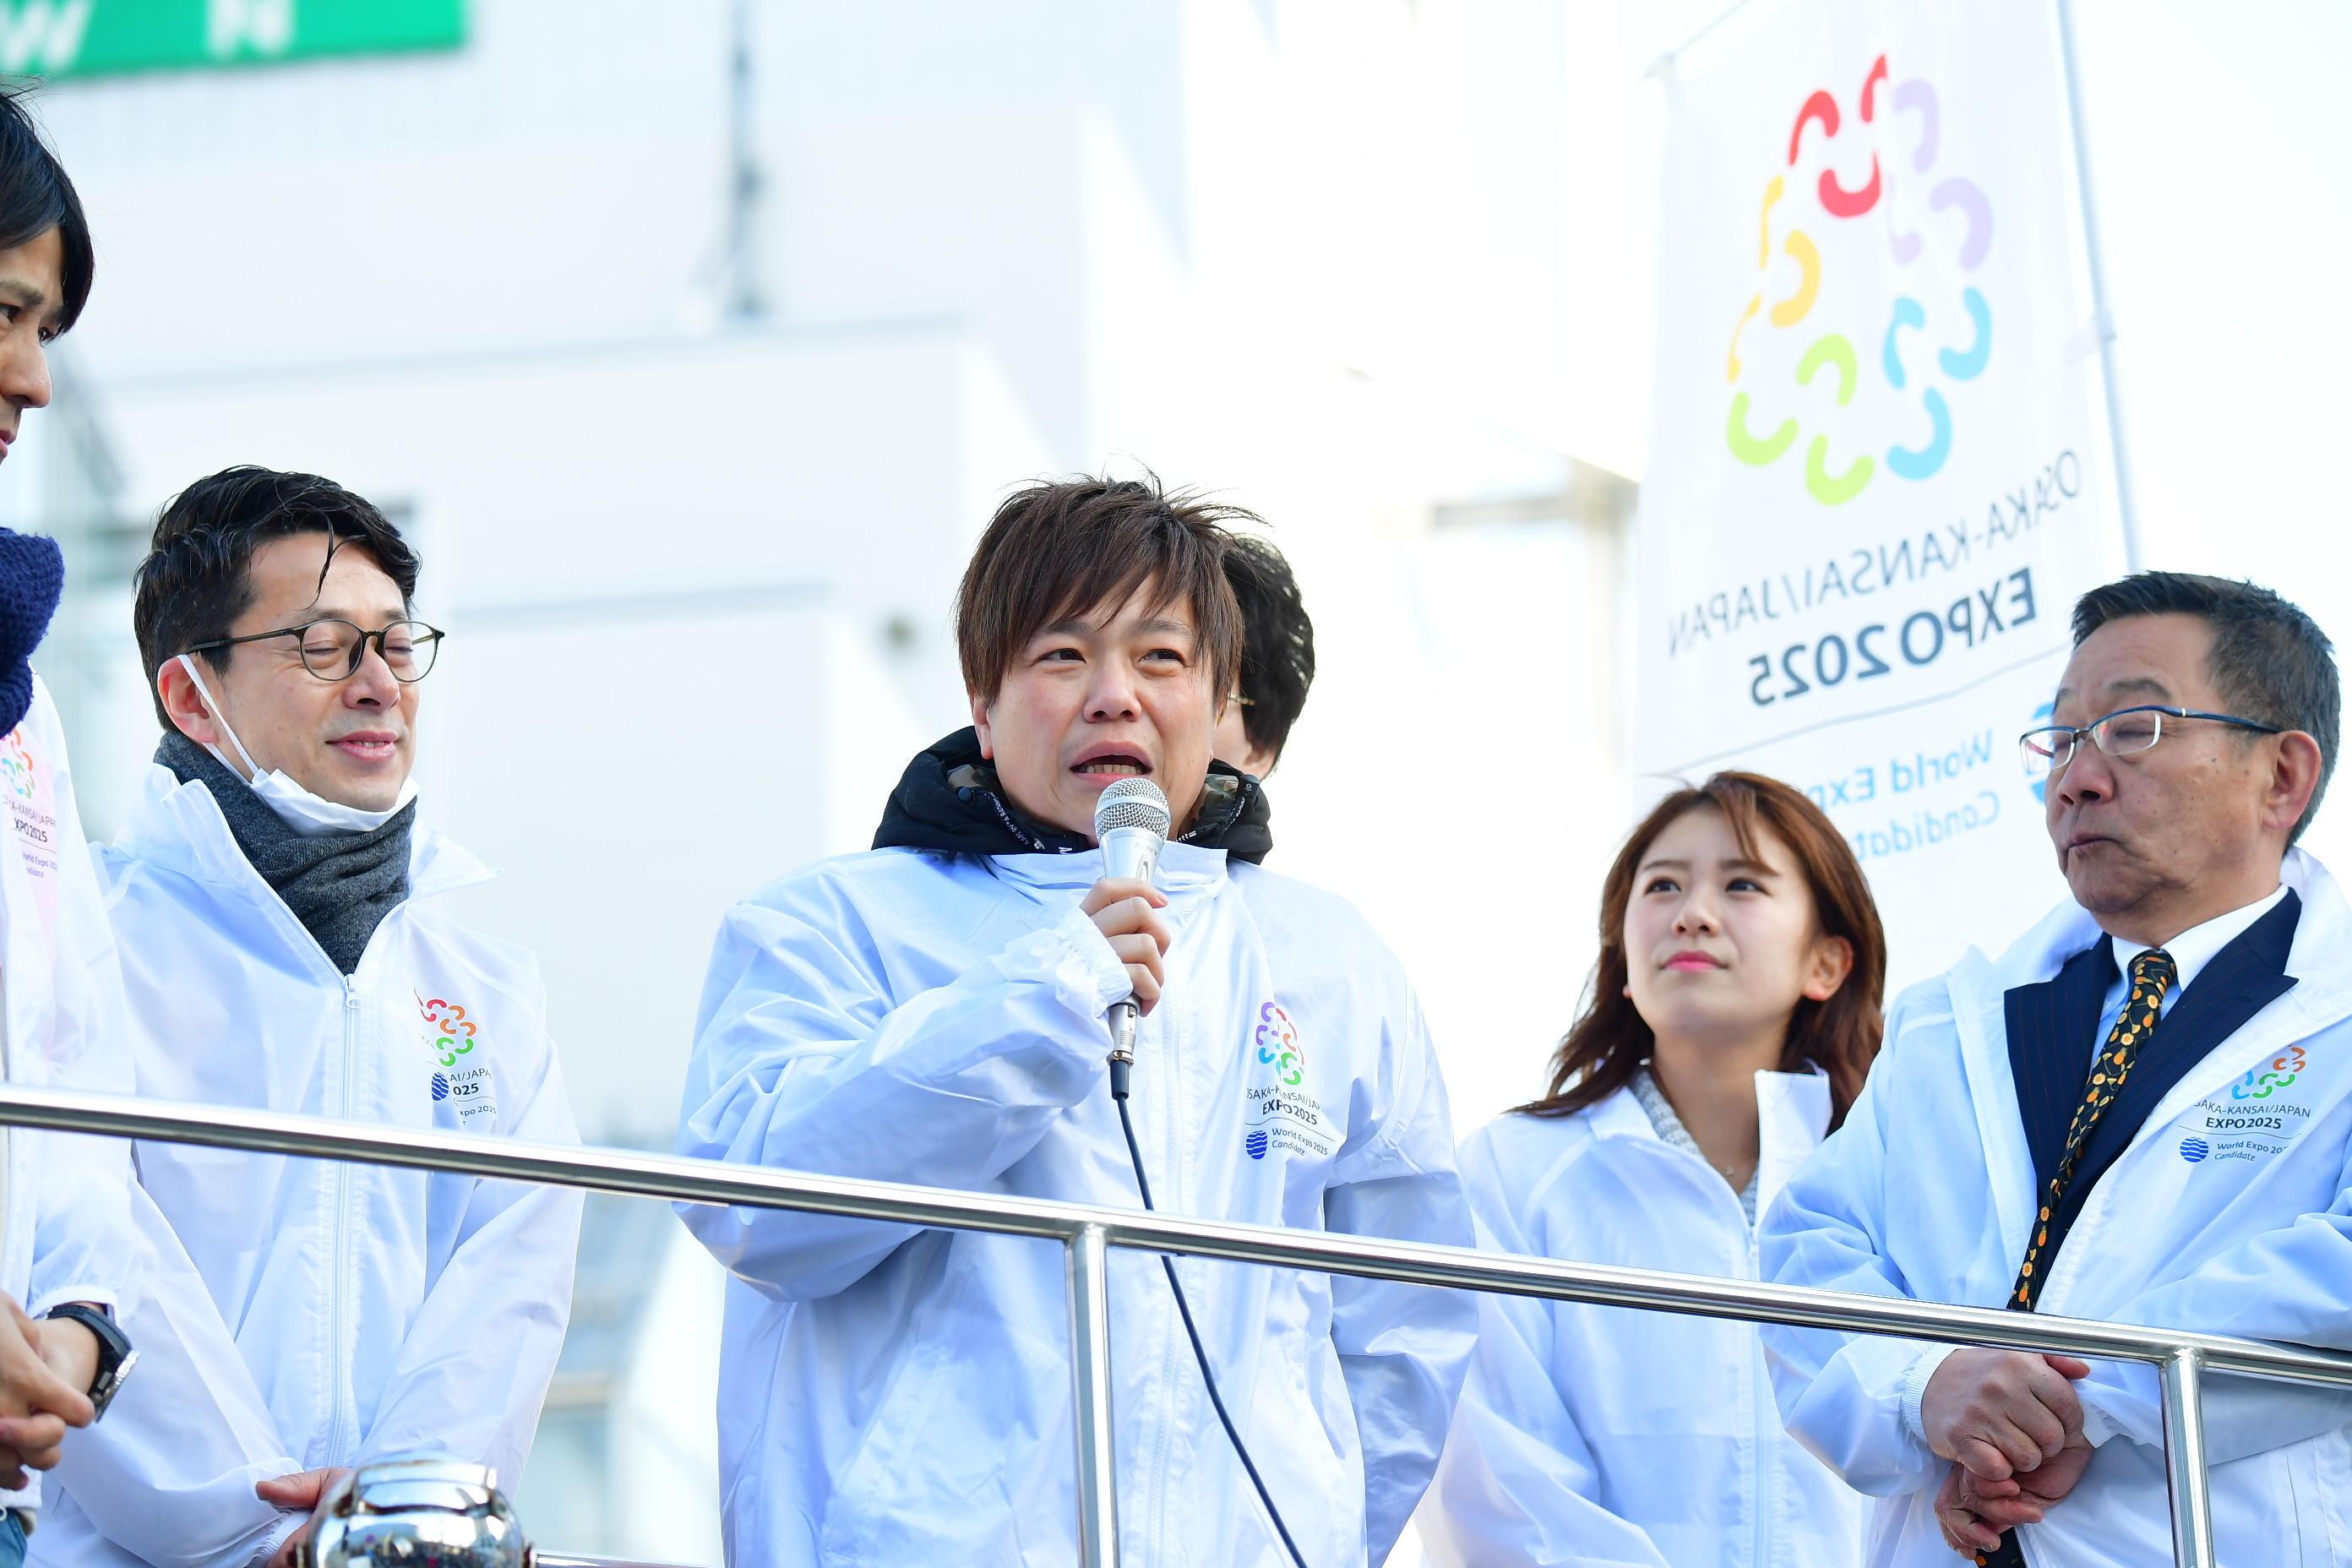 http://news.yoshimoto.co.jp/20180211184901-db92fc9daa64c98815b6270ca872d4b2c71e33aa.jpg